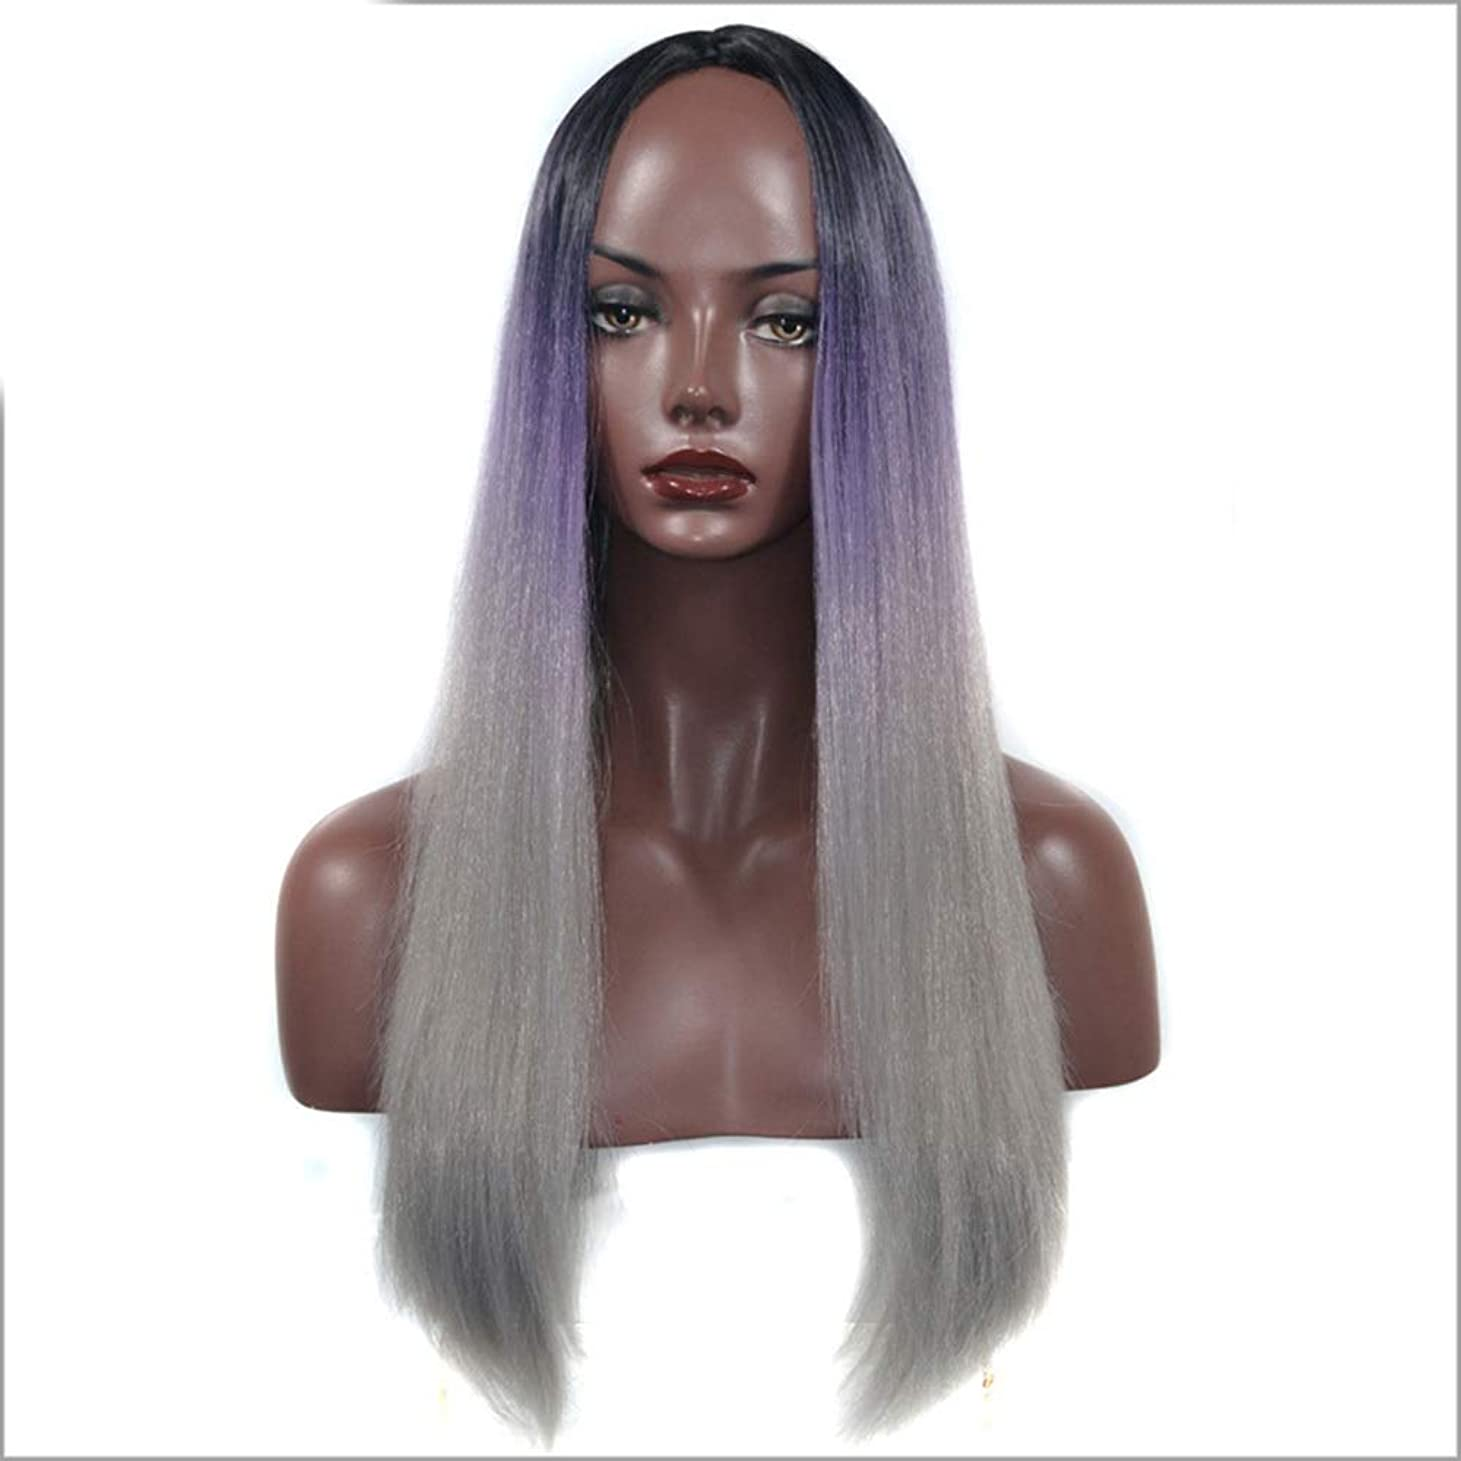 宣伝調整不十分なVergeania 女性のためのコスプレパーティードレスのための黒の紫色の長いストレートの髪のかつら (色 : Black purple gray, サイズ : 60cm)